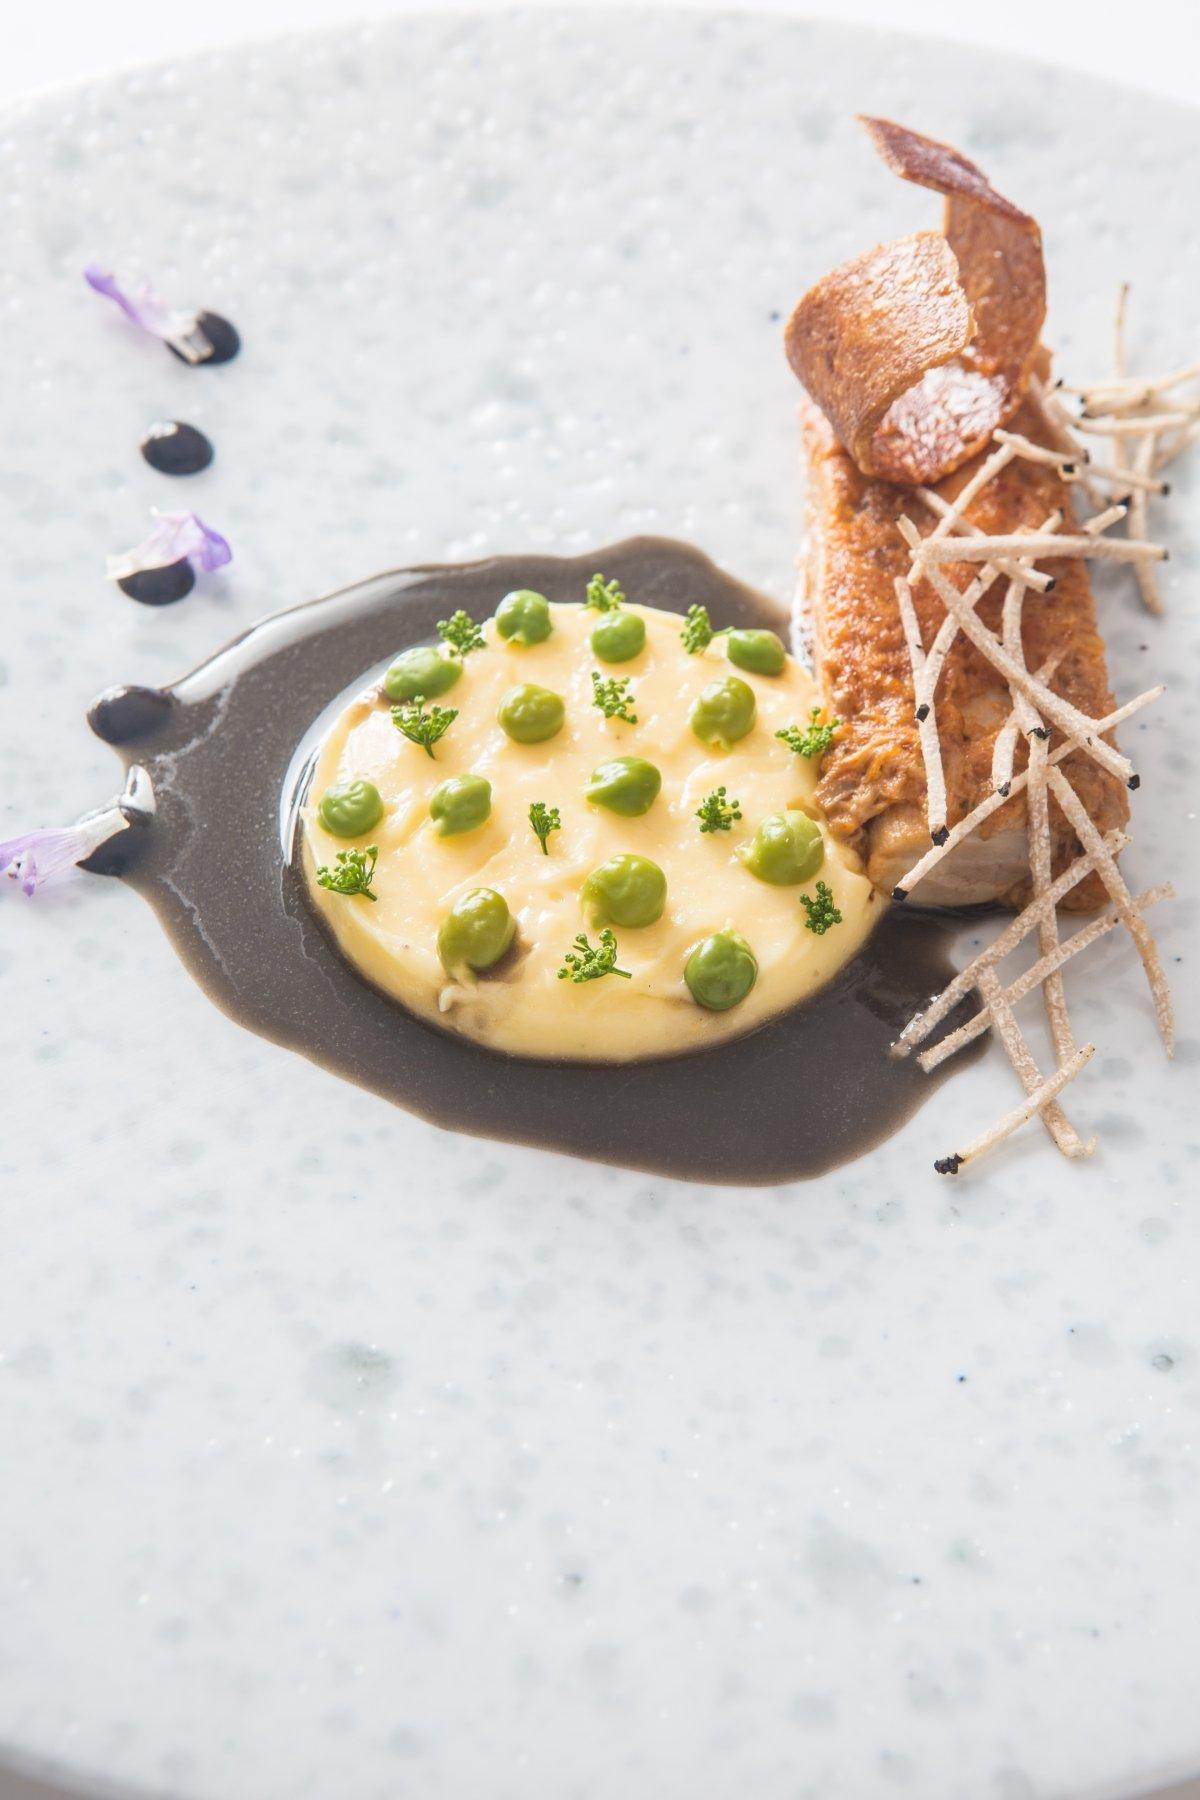 Uno de los platos creativos del restaurante Andreu Genestra